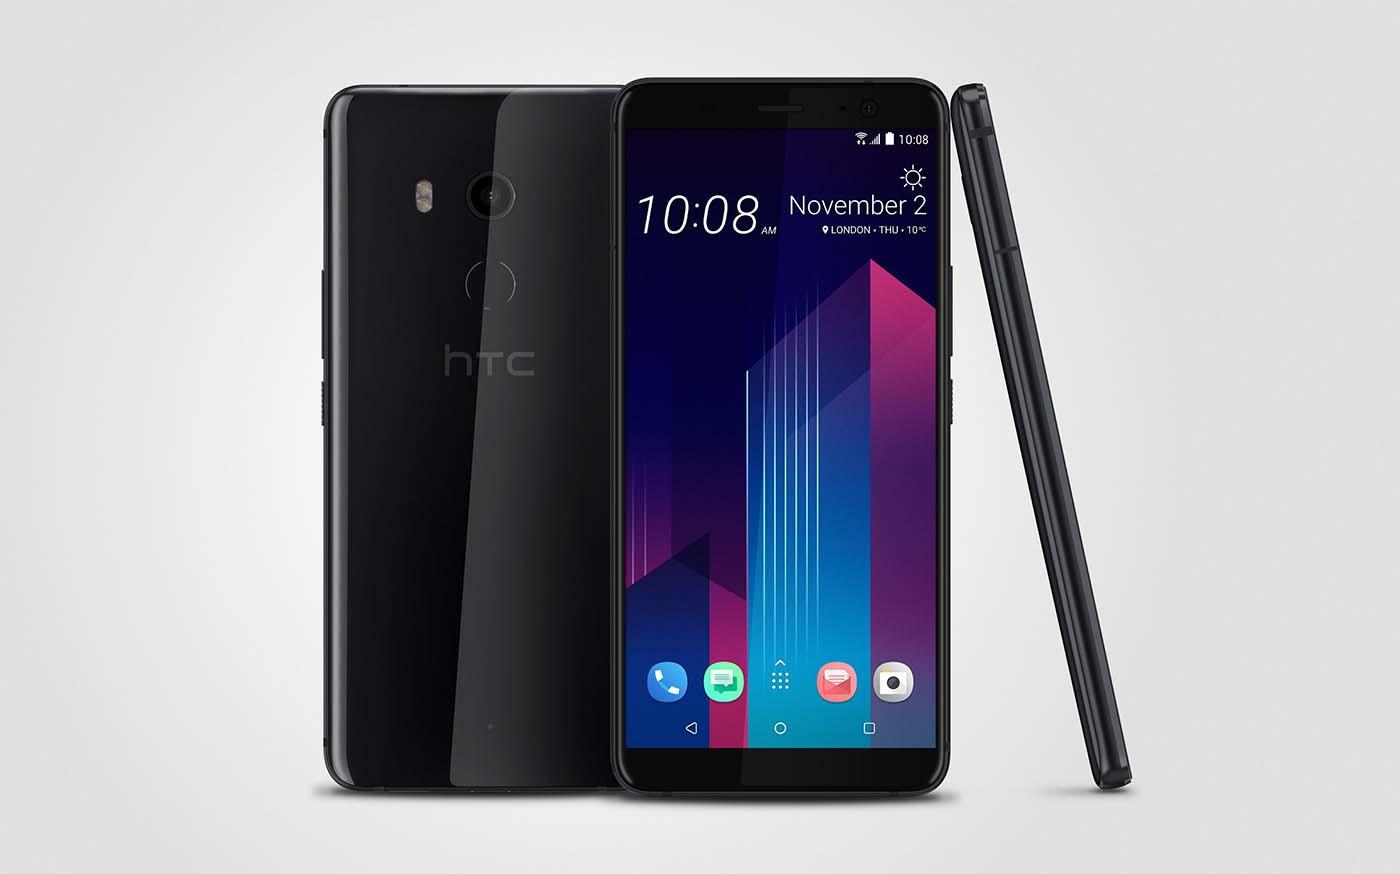 El nuevo HTC U11+ trae un diseño todo pantalla y mejoras en la cámara y el sonido